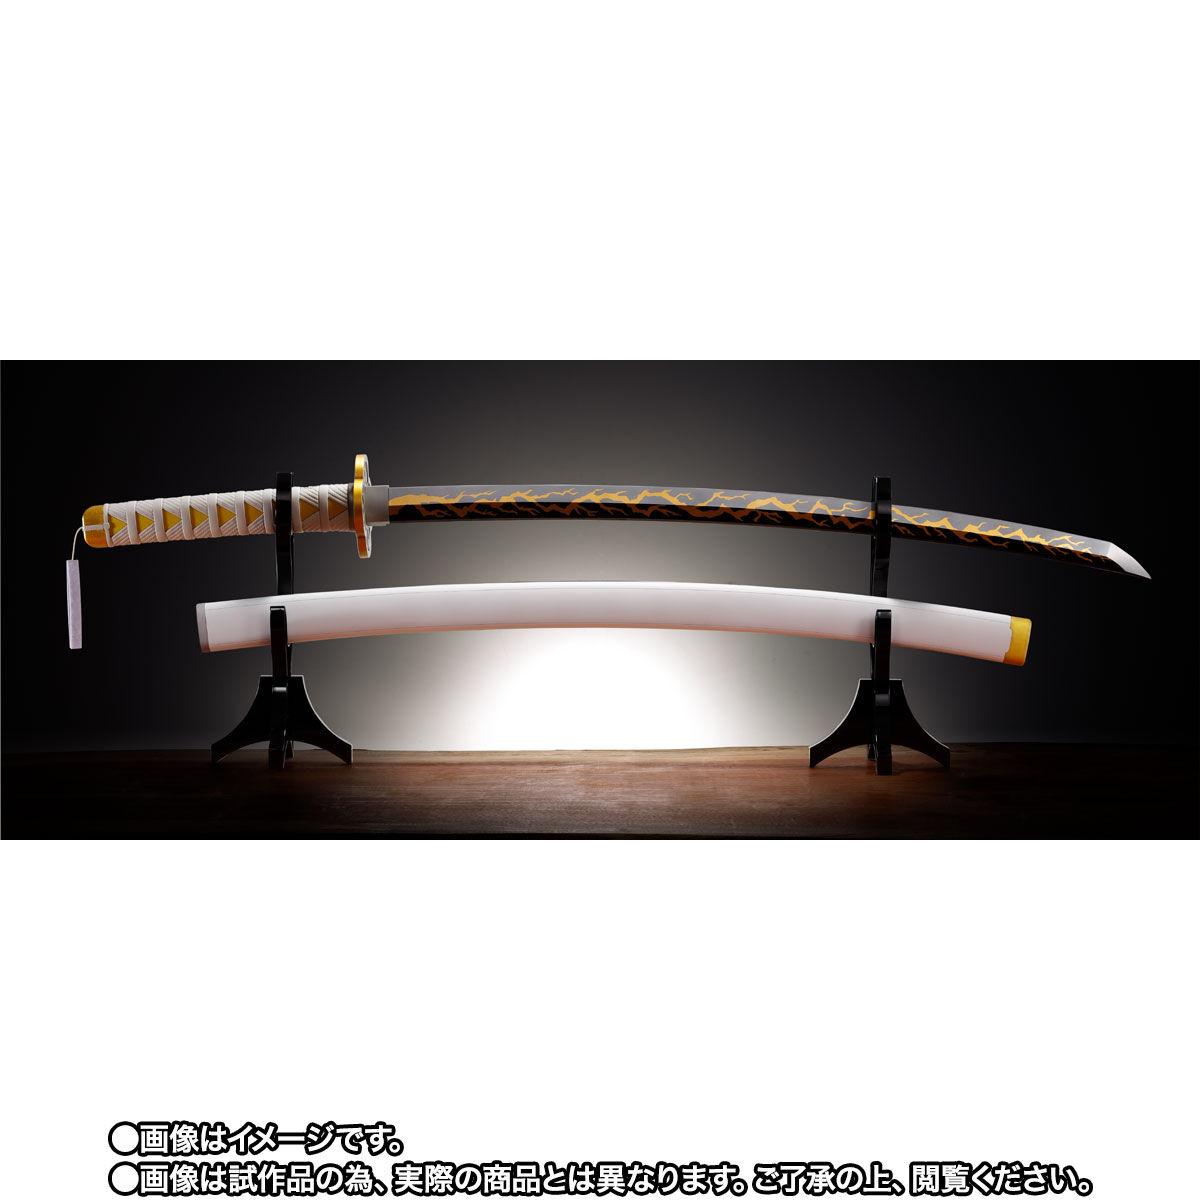 【限定販売】PROPLICA プロップリカ『日輪刀(我妻善逸)』鬼滅の刃 変身なりきり-002